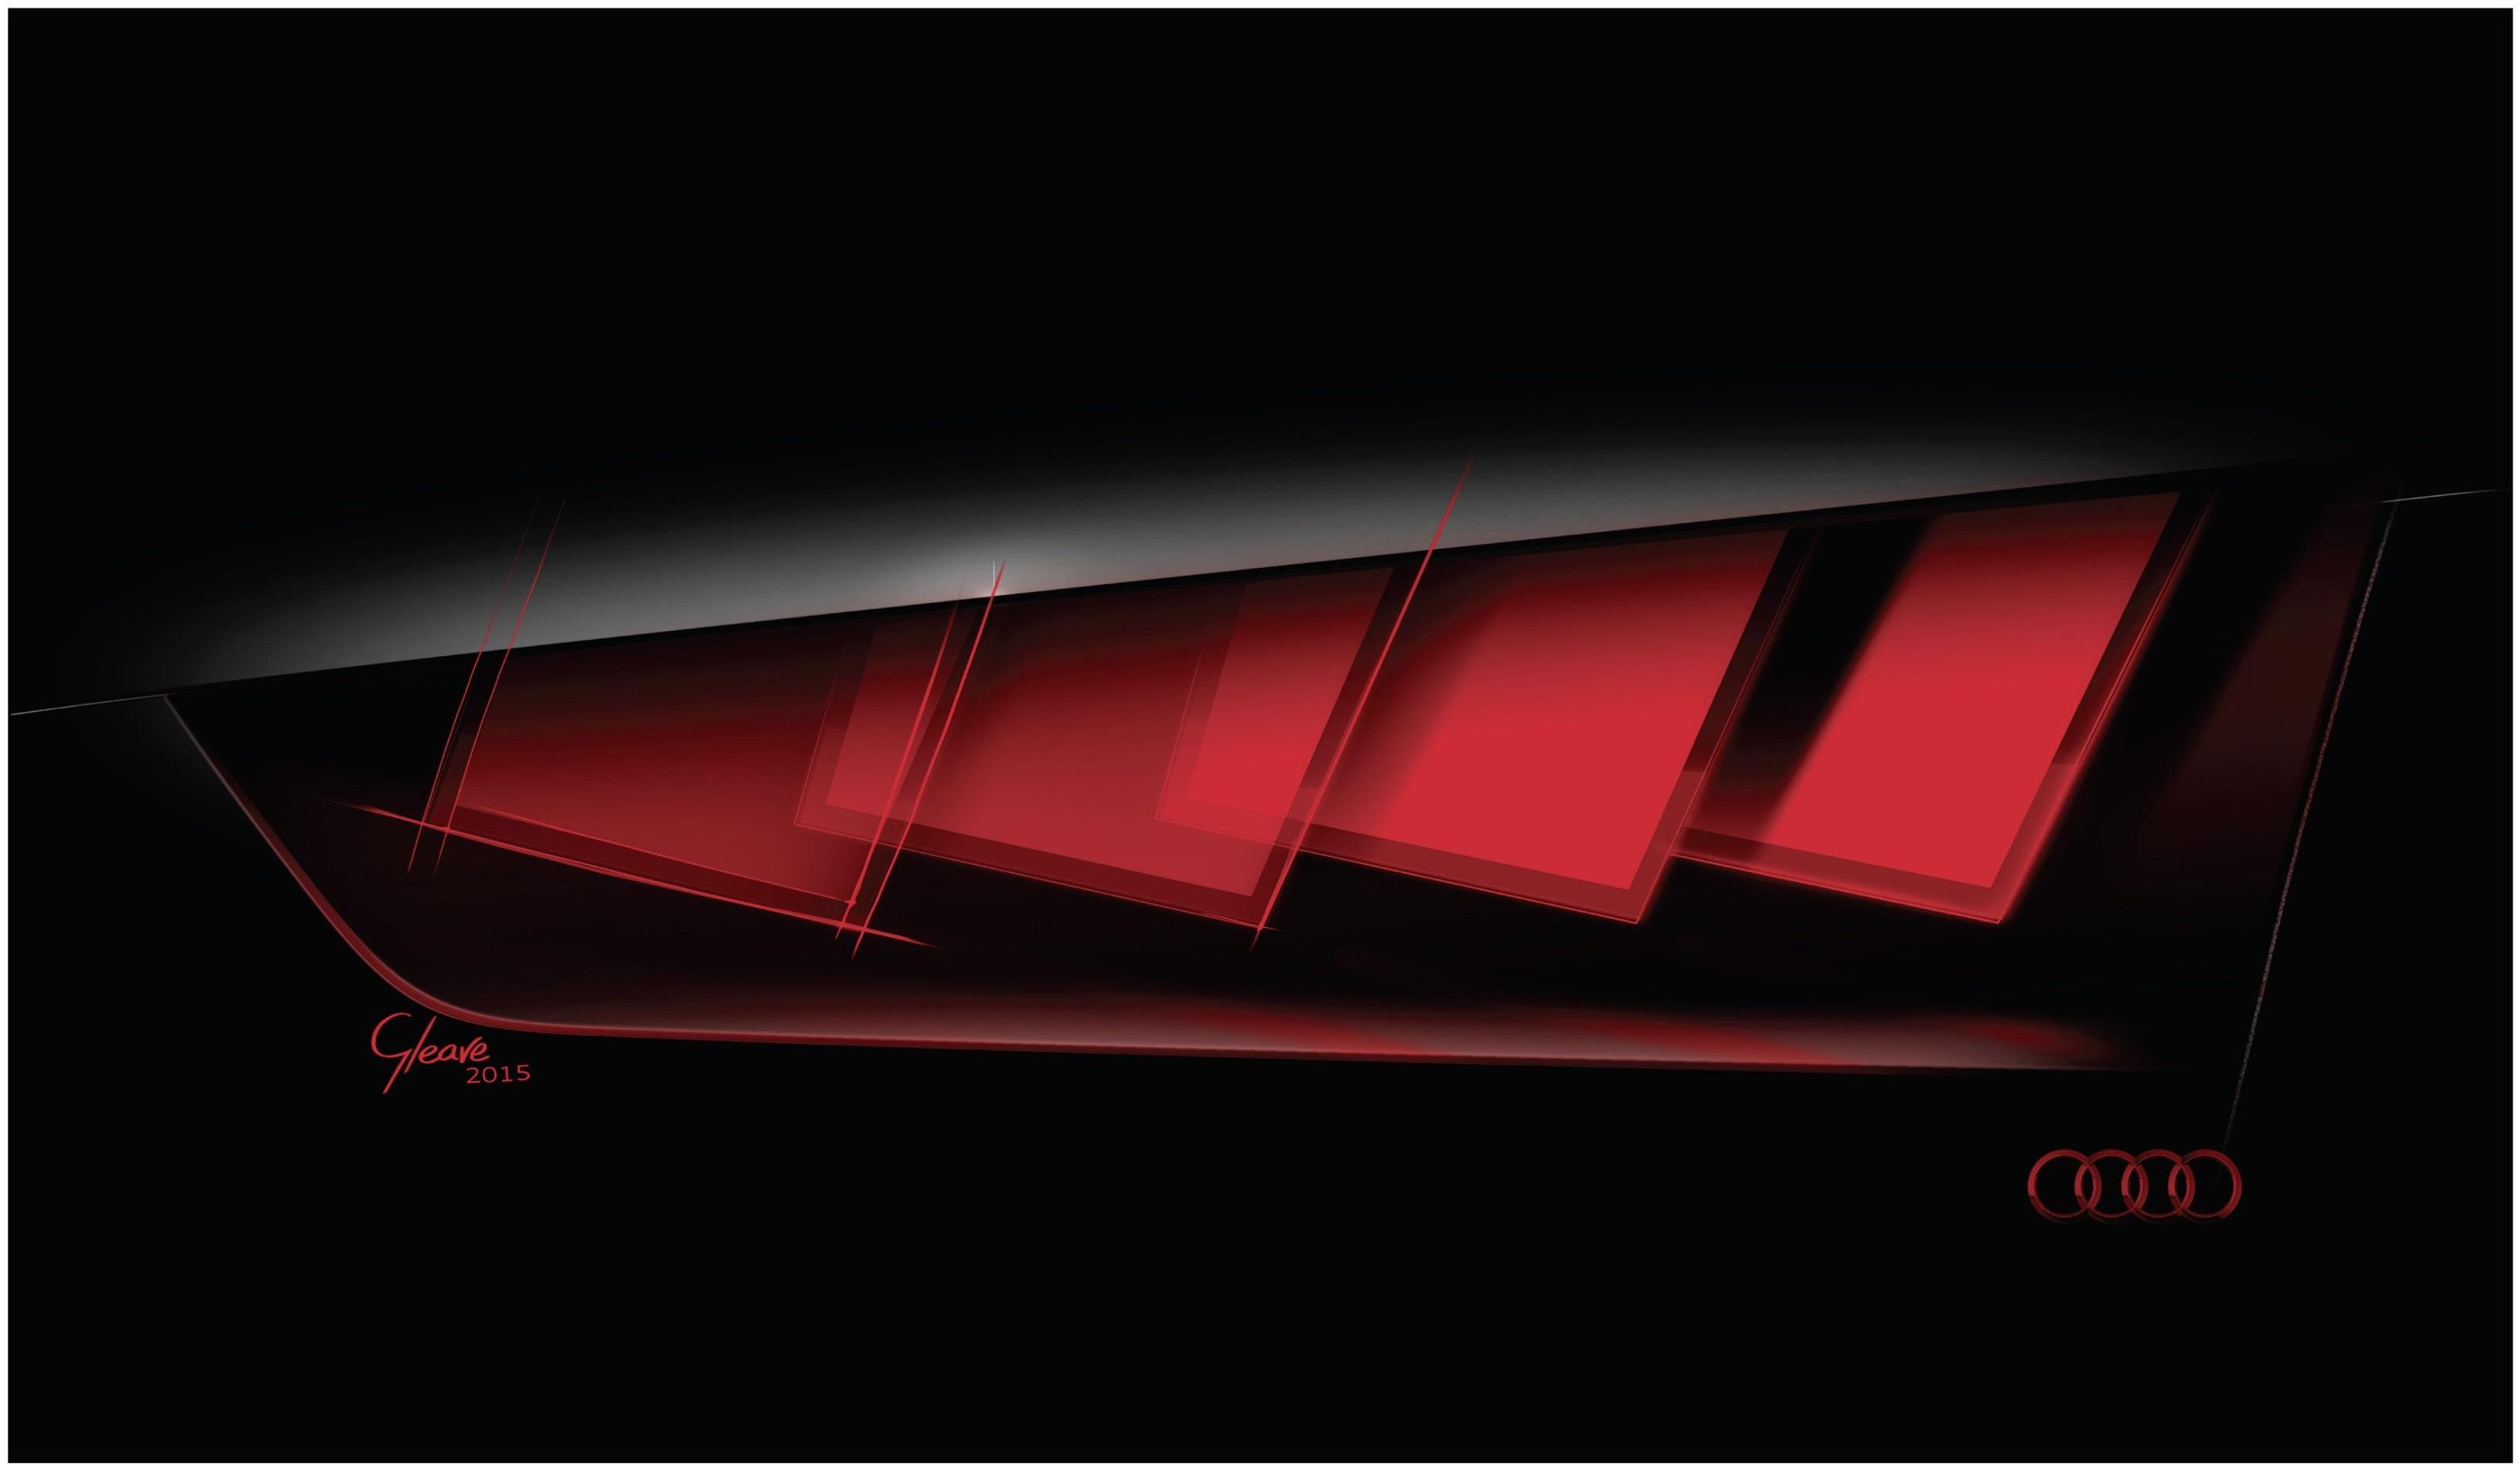 Bij het gebruik van OLEDS spreekt Audi van driedimensionale verlichting, omdat de lichtvlakjes trapsgewijs over elkaar gelegd konden worden.